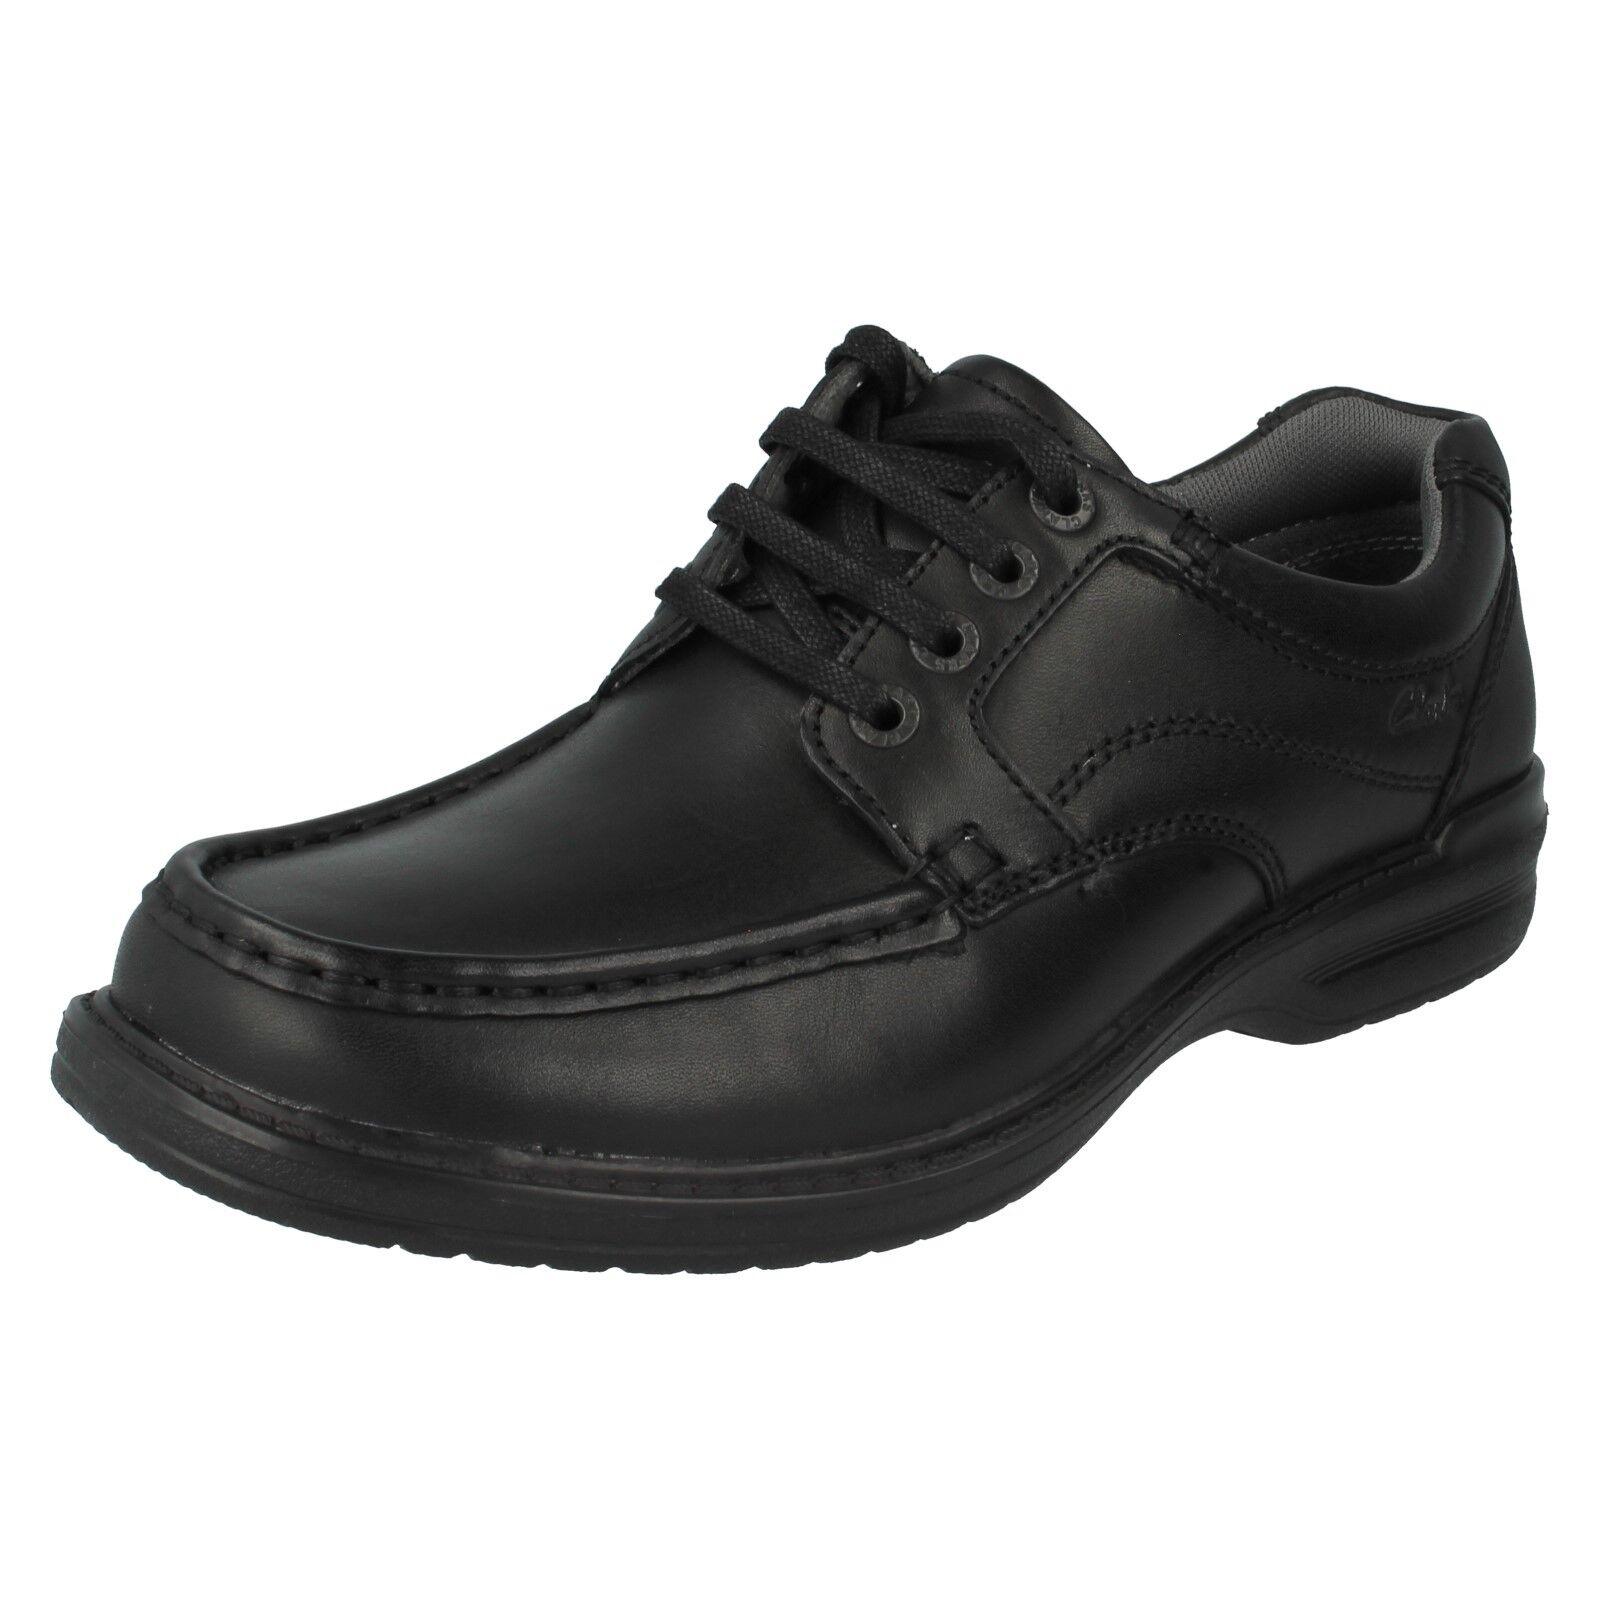 Keeler Camminare Da Da Da Uomo Clarks in Pelle Ampia Vestibilità Con Lacci Scarpe Casual Lavoro .99 e0ec77